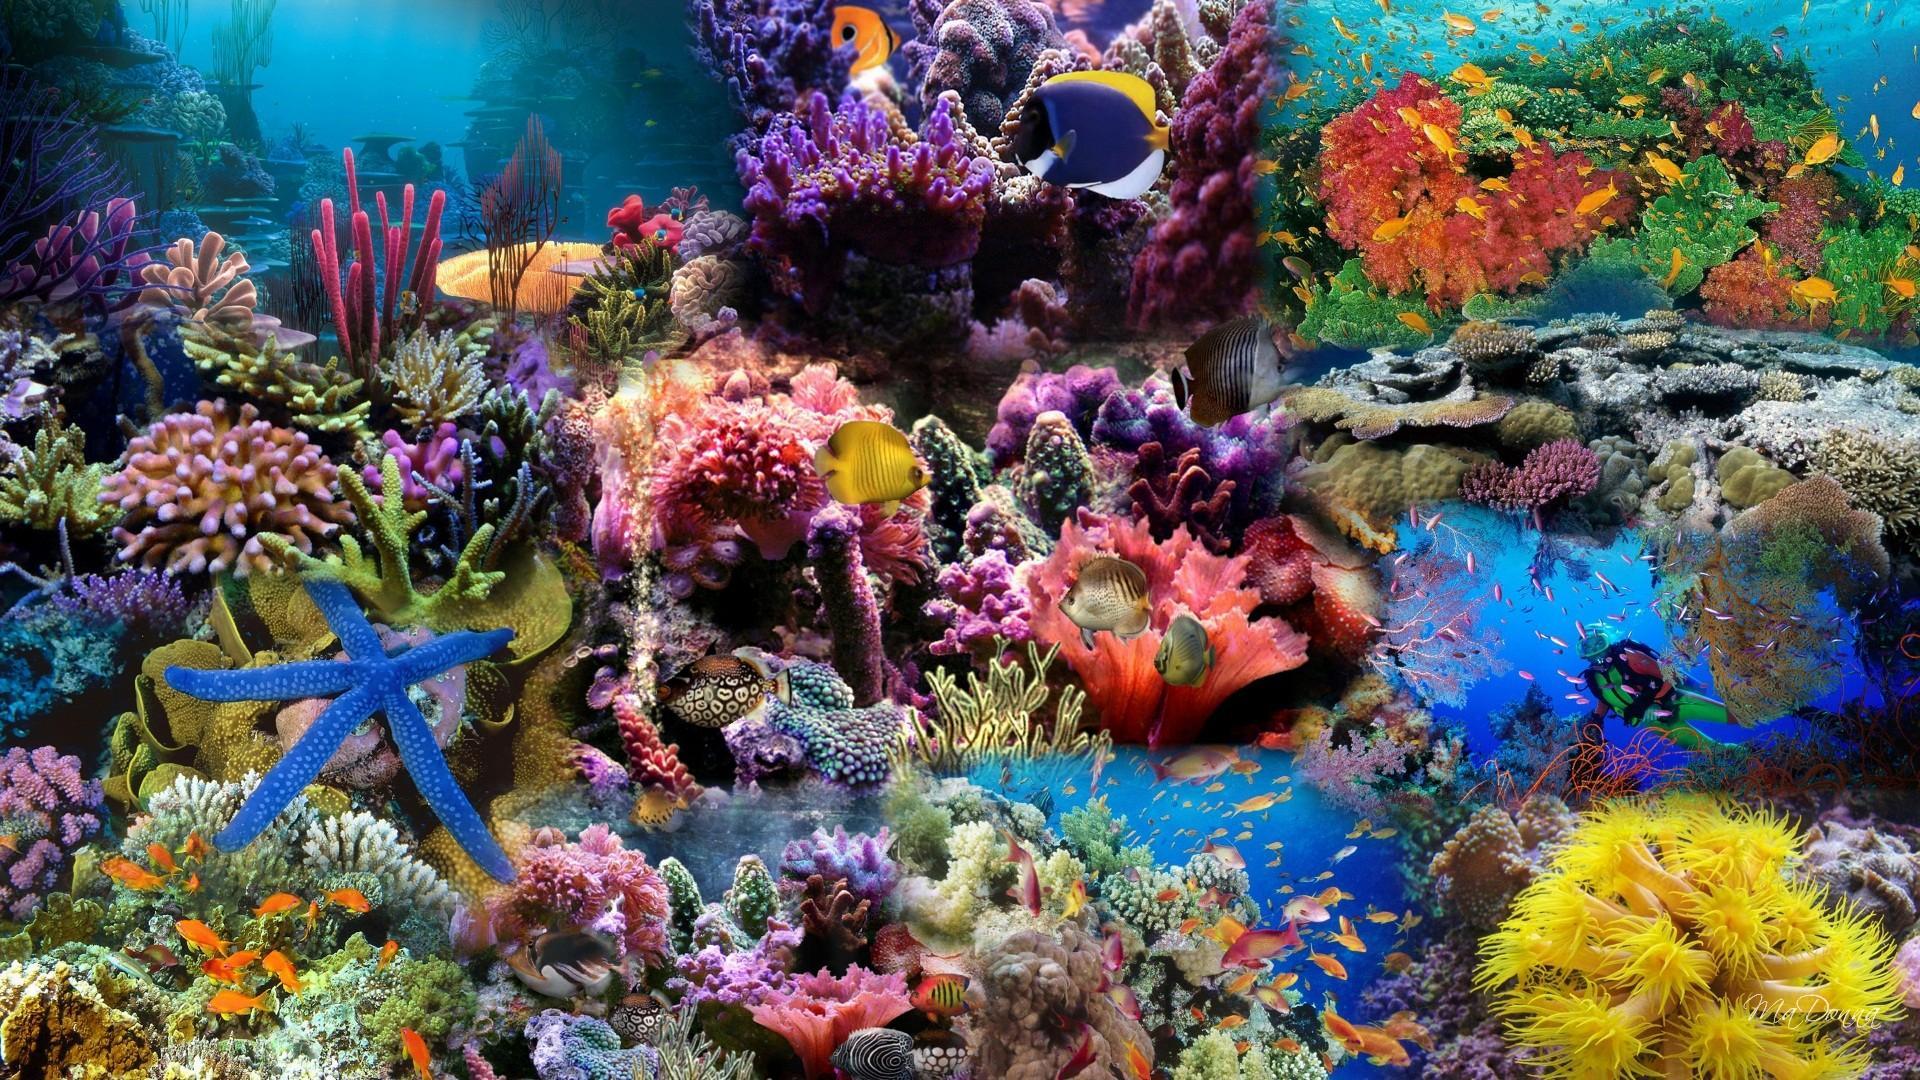 Яркие краски подводного мира  № 618969 бесплатно